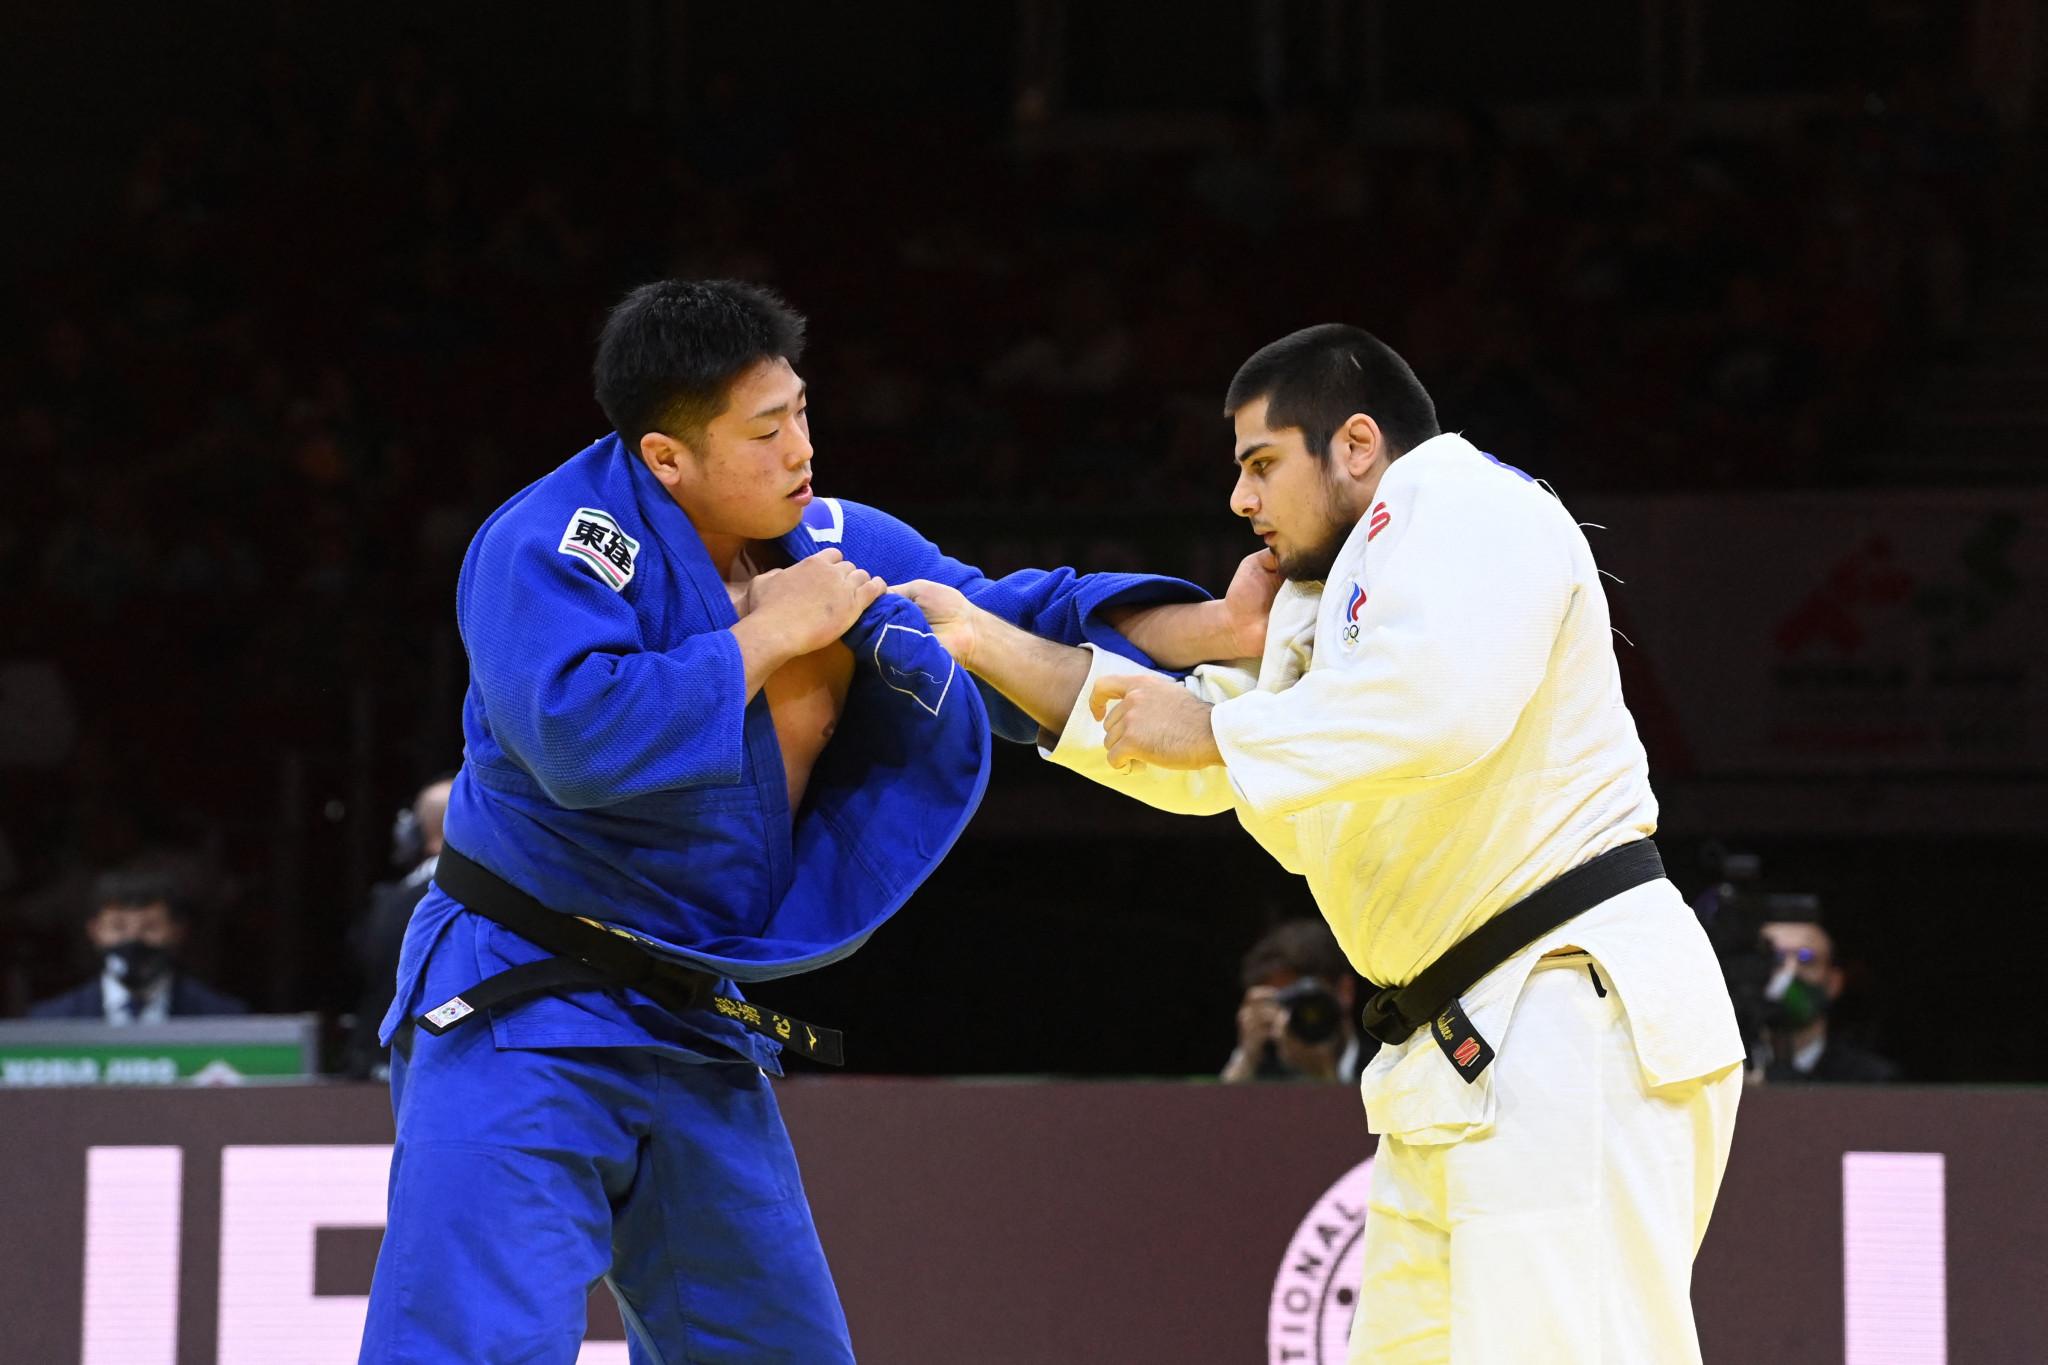 Kokoro Kageura, left, in action in the men's over-100kg final against Tamerlan Bashaev ©Getty Images